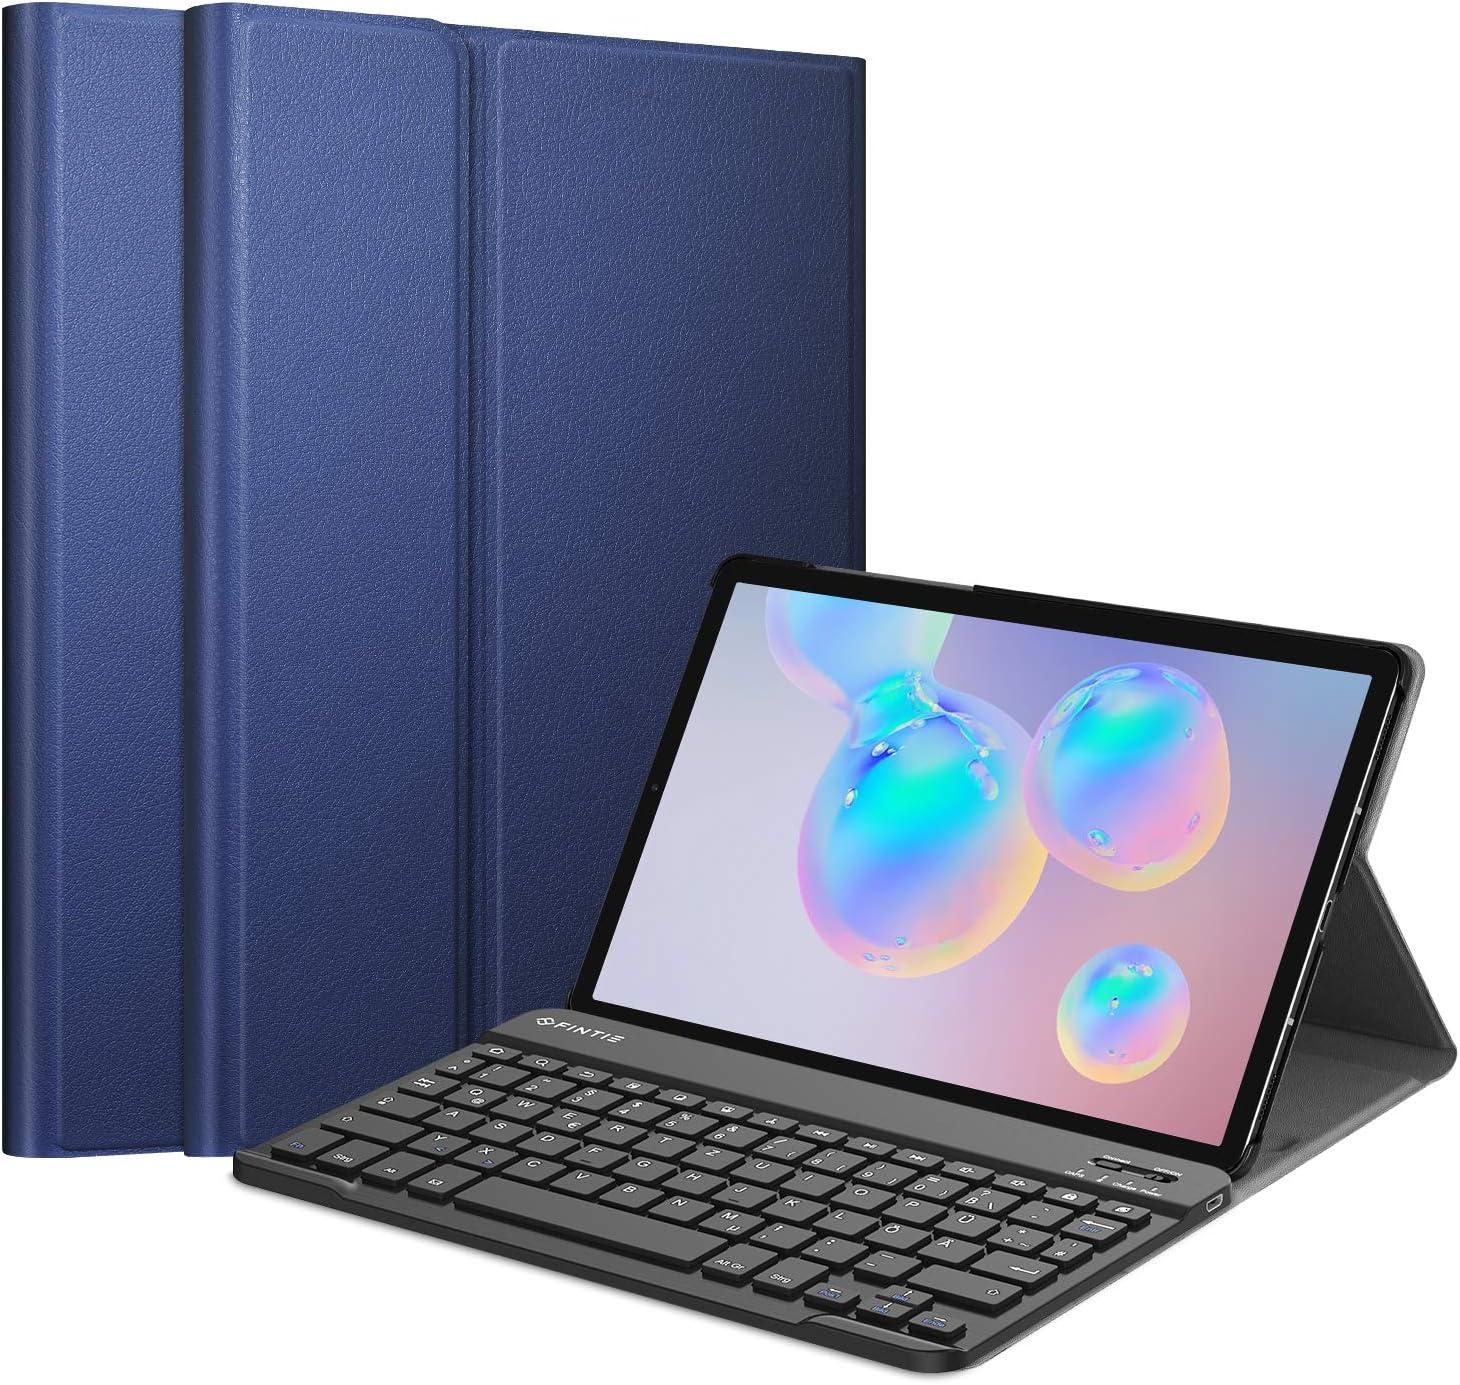 Funda con teclado Fintie para Samsung Galaxy Tab S6 10.5 2019 (compatible con S Pen función de carga inalámbrica) – Teclado ultrafino con teclado magnético extraíble inalámbrico alemán